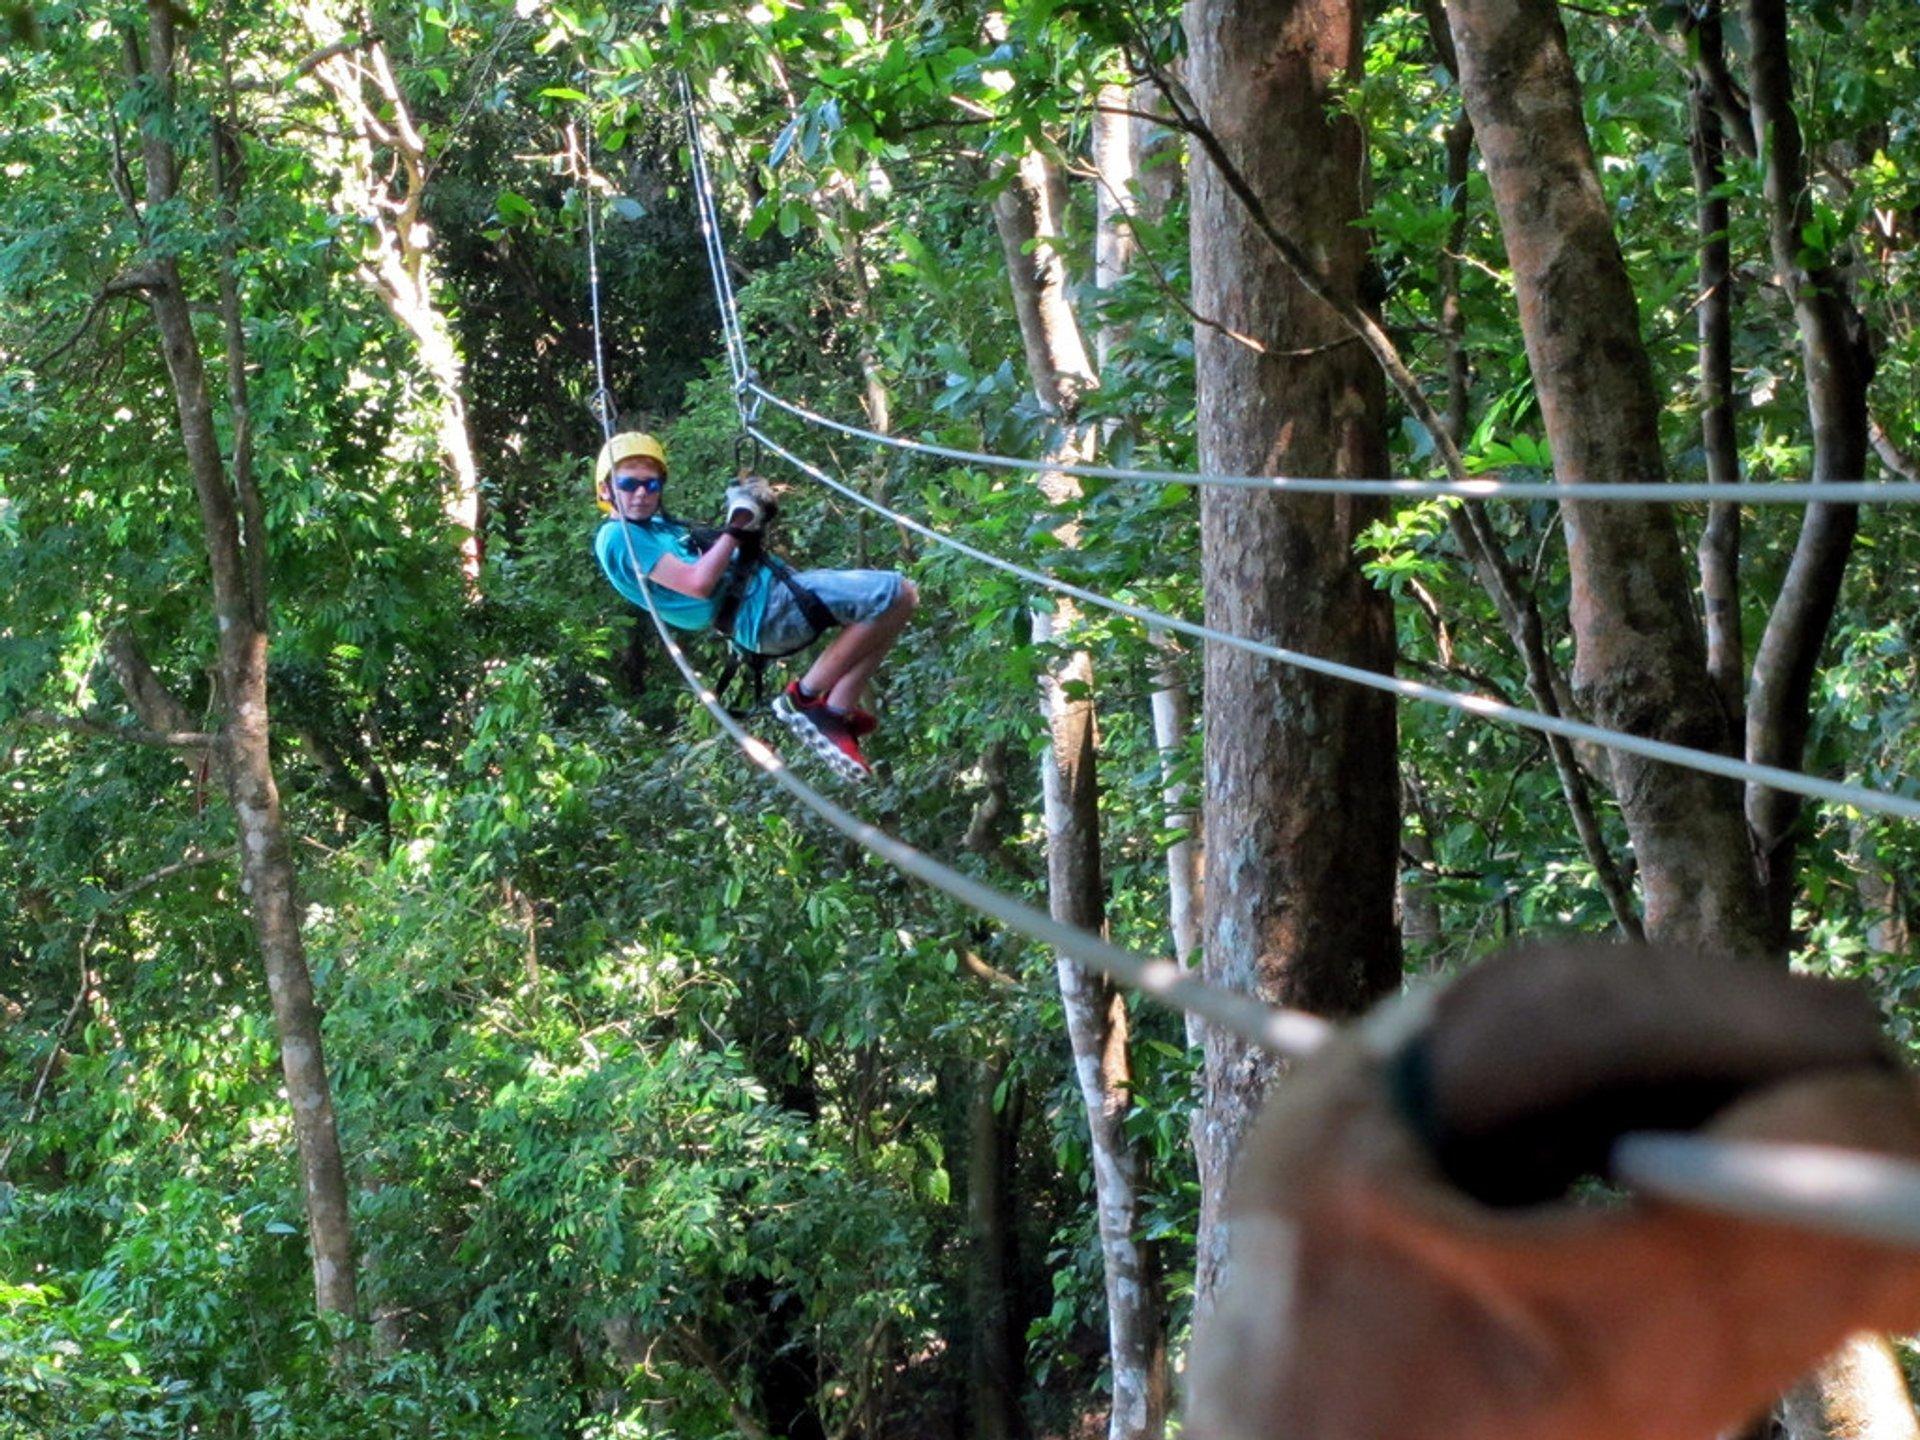 Ziplining on Roatán in Honduras 2020 - Best Time